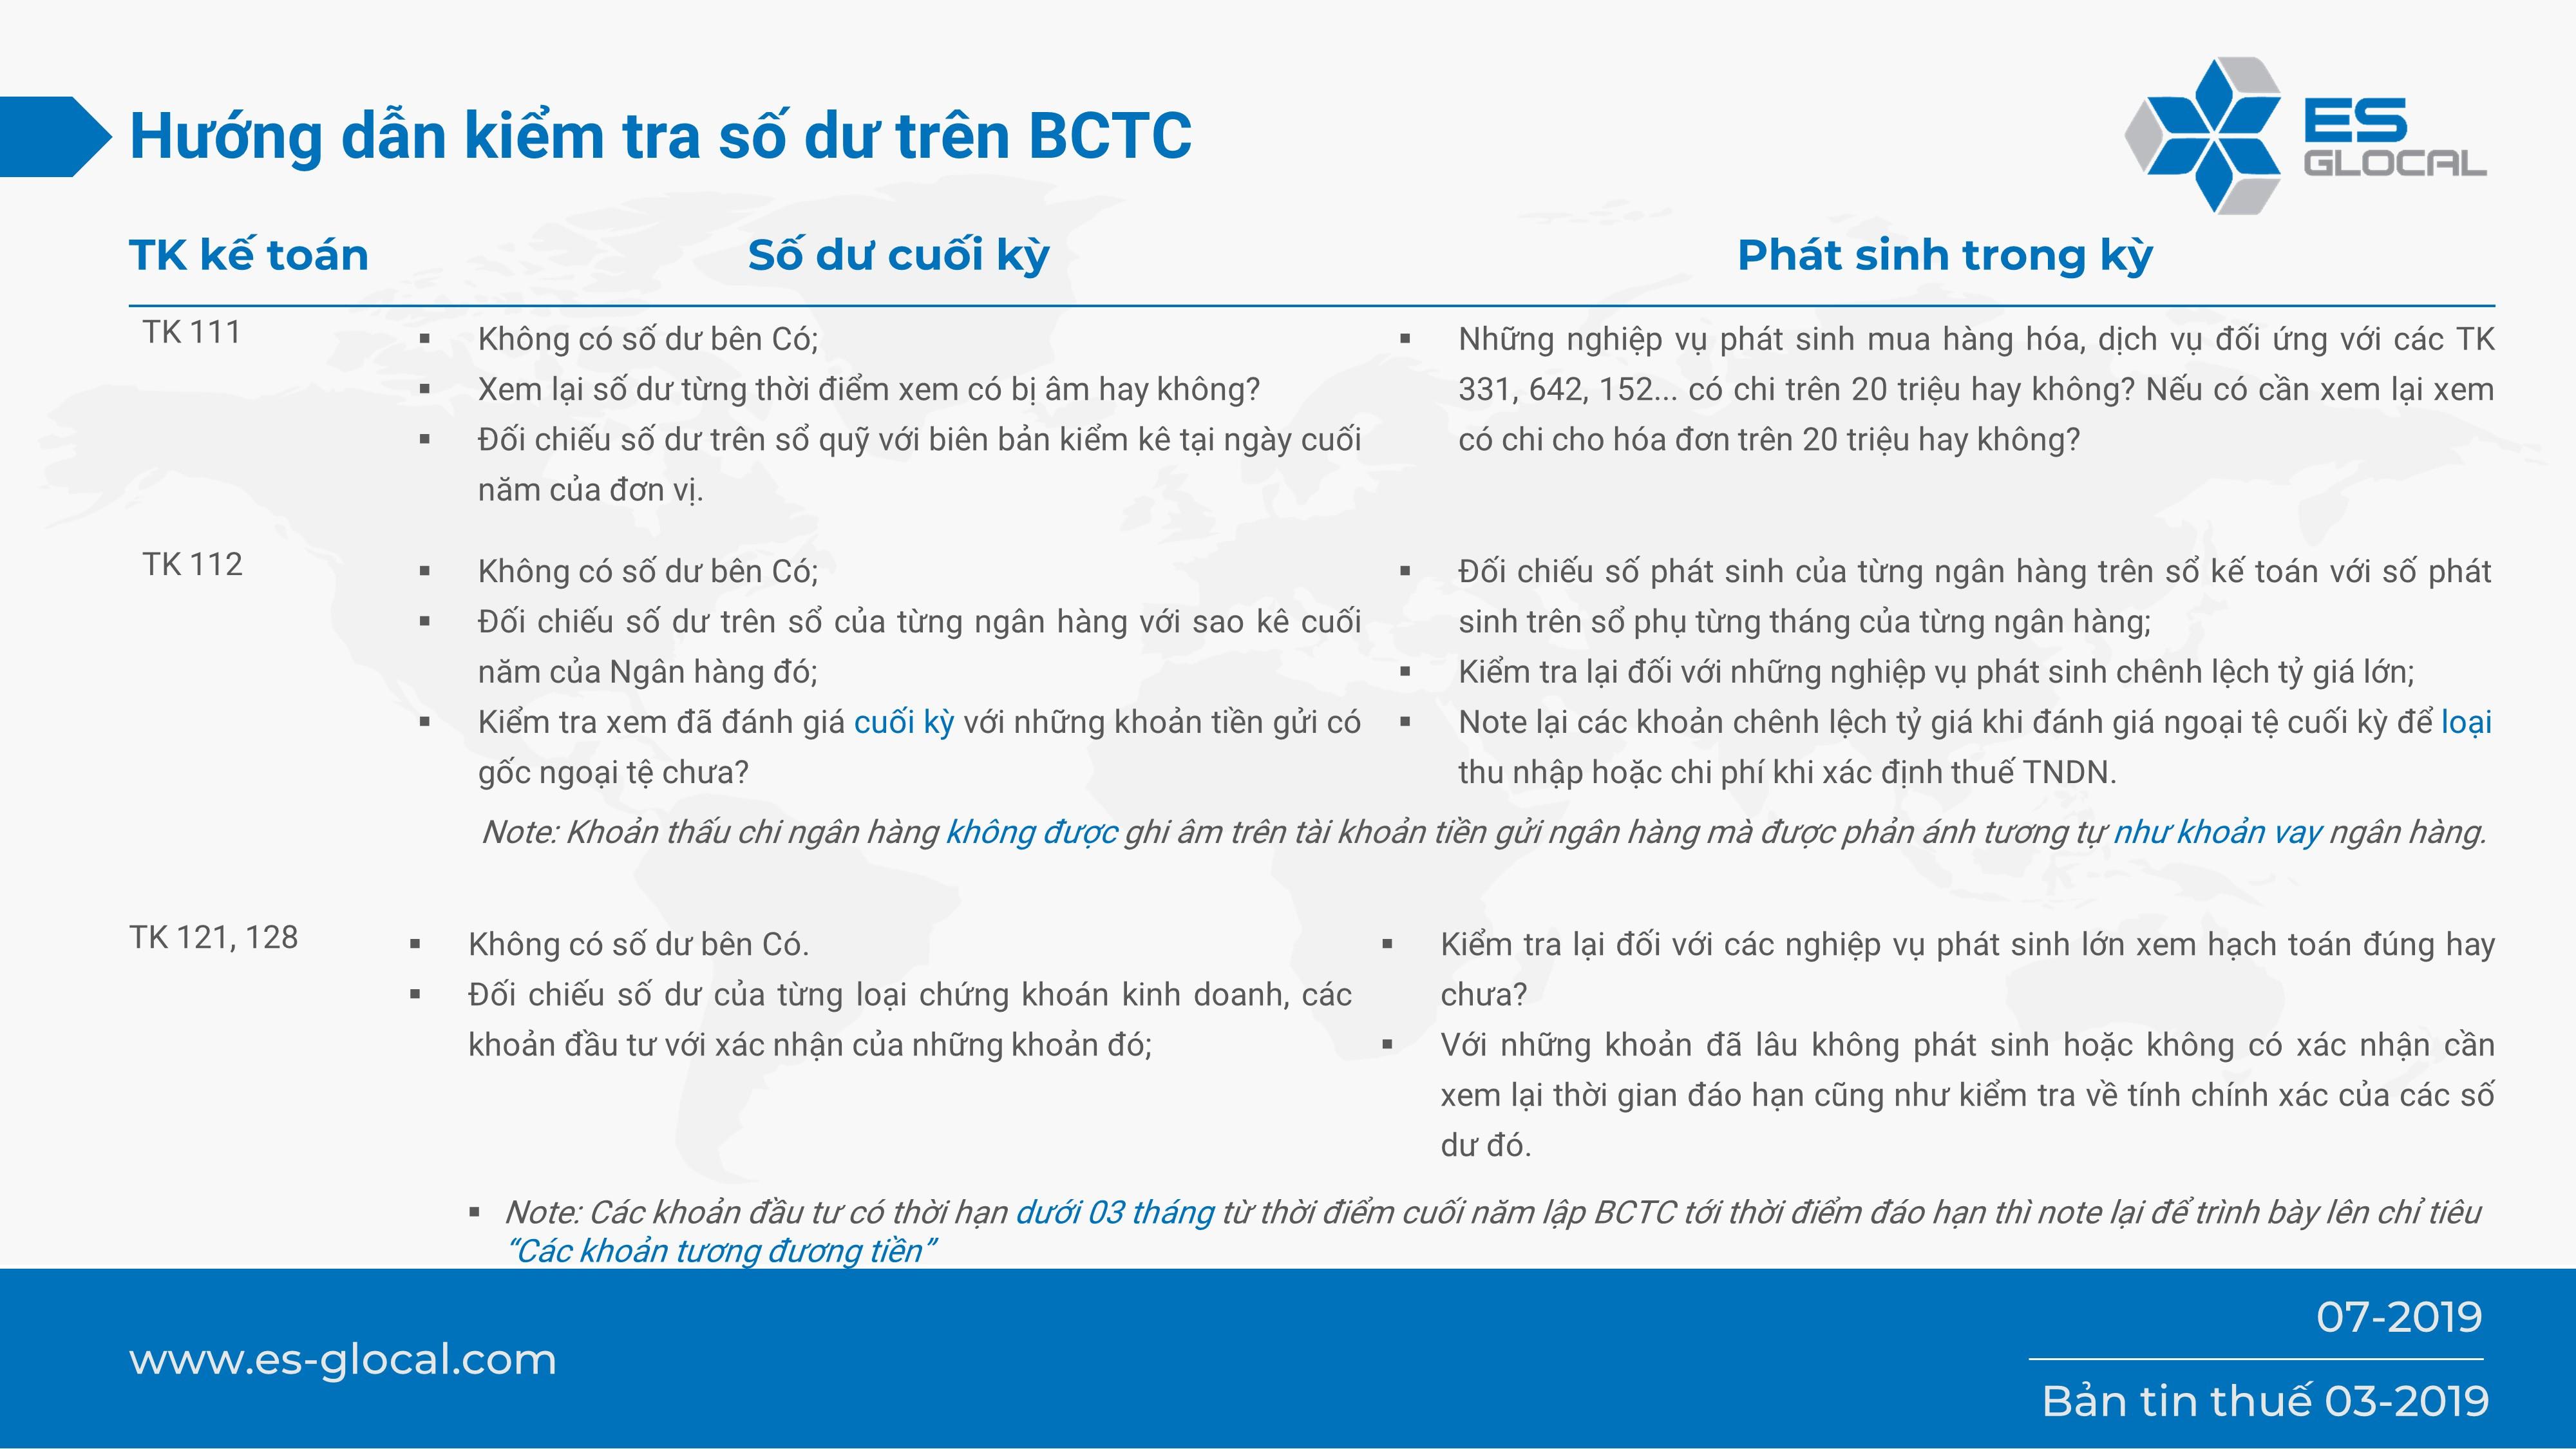 Hướng dẫn check các khoản mục trên BCTC